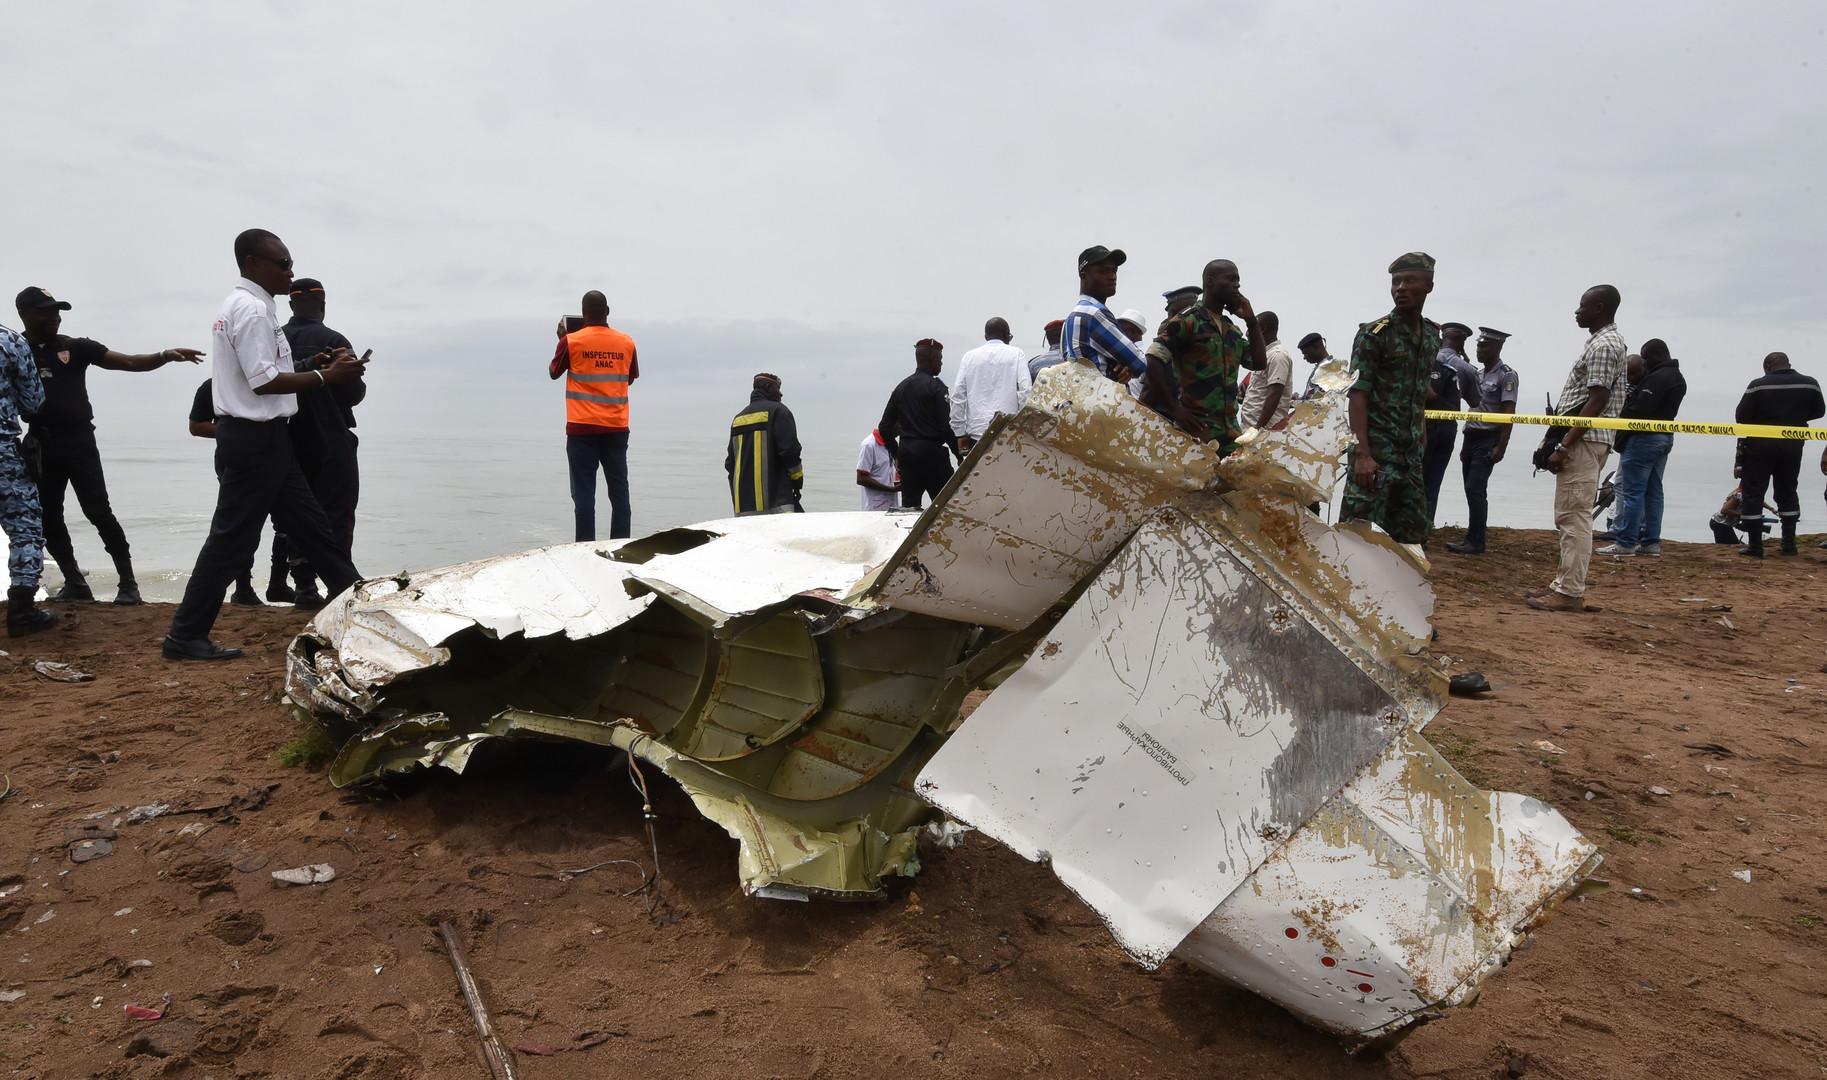 Côte d'Ivoire : un avion affrété par l'armée française s'écrase au large d'Abidjan, 4 morts (IMAGES)